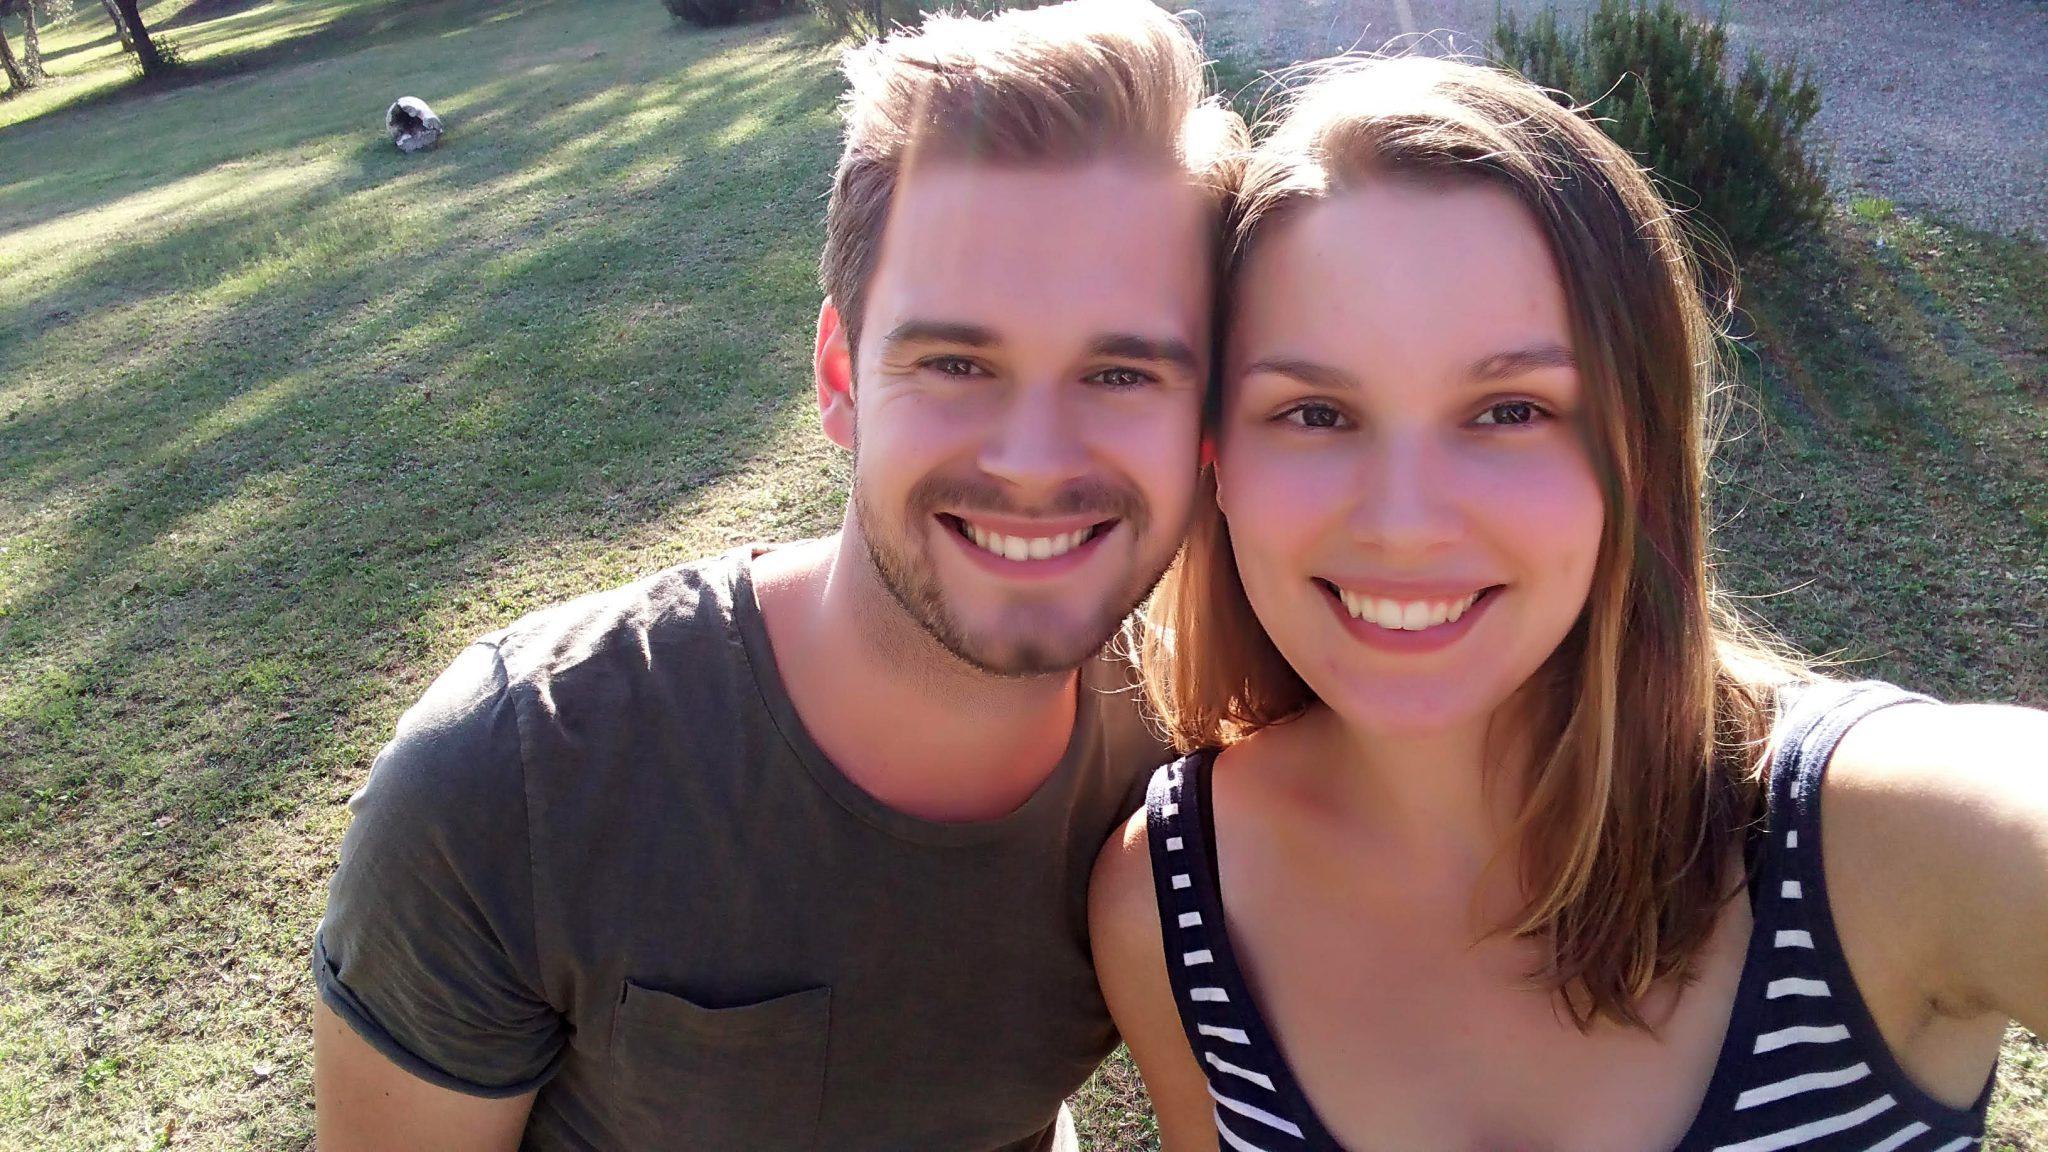 Jeroen met vriendin